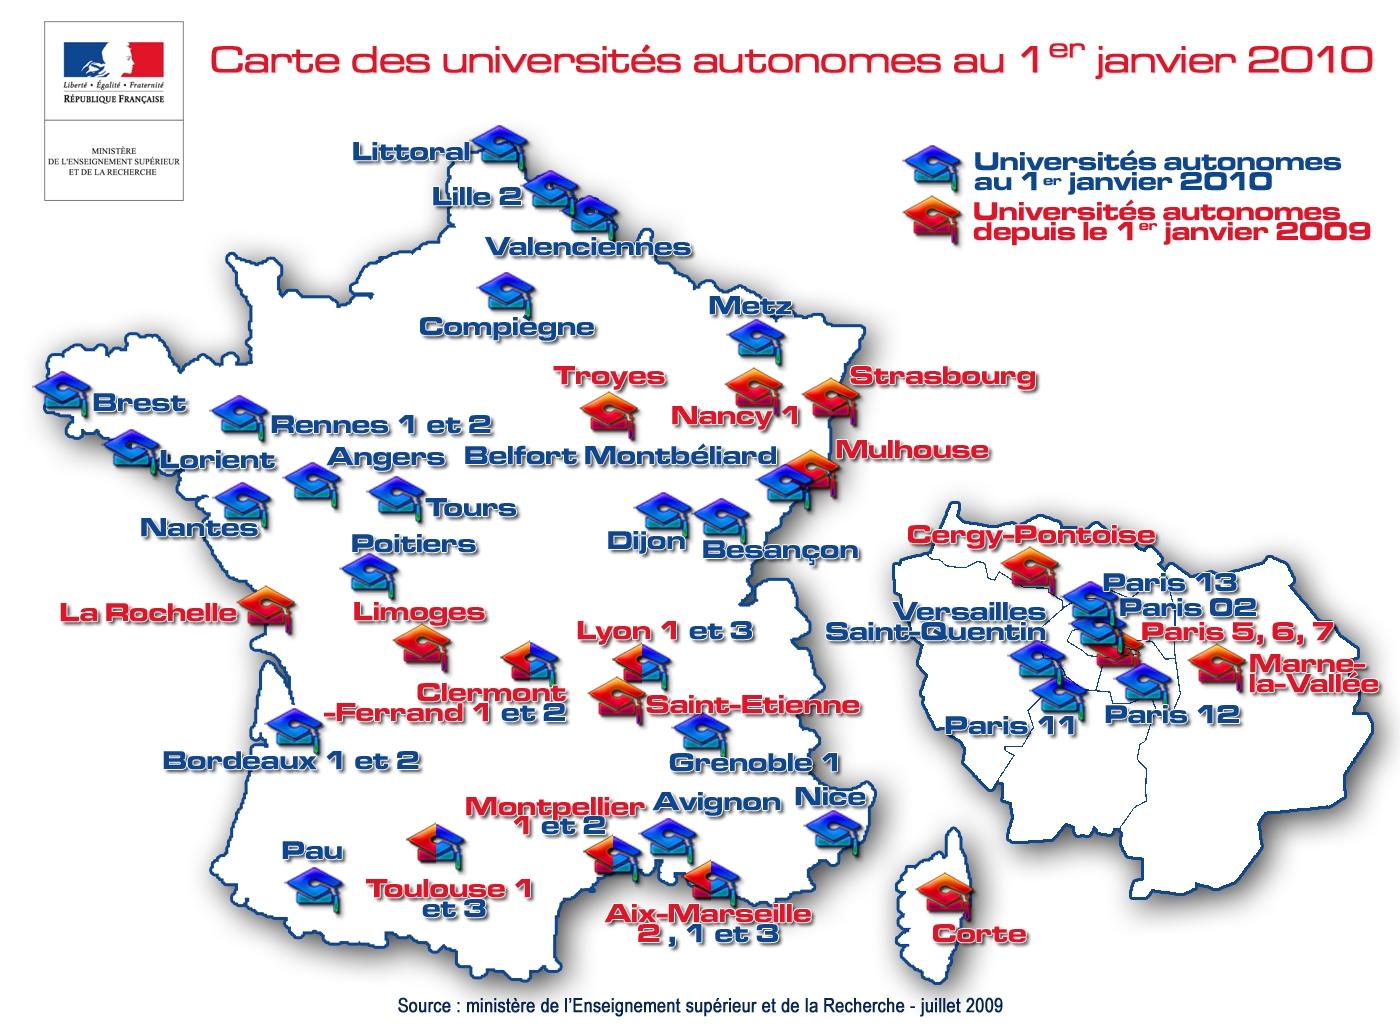 51 universités autonomes au 1er janvier 2010   ESR